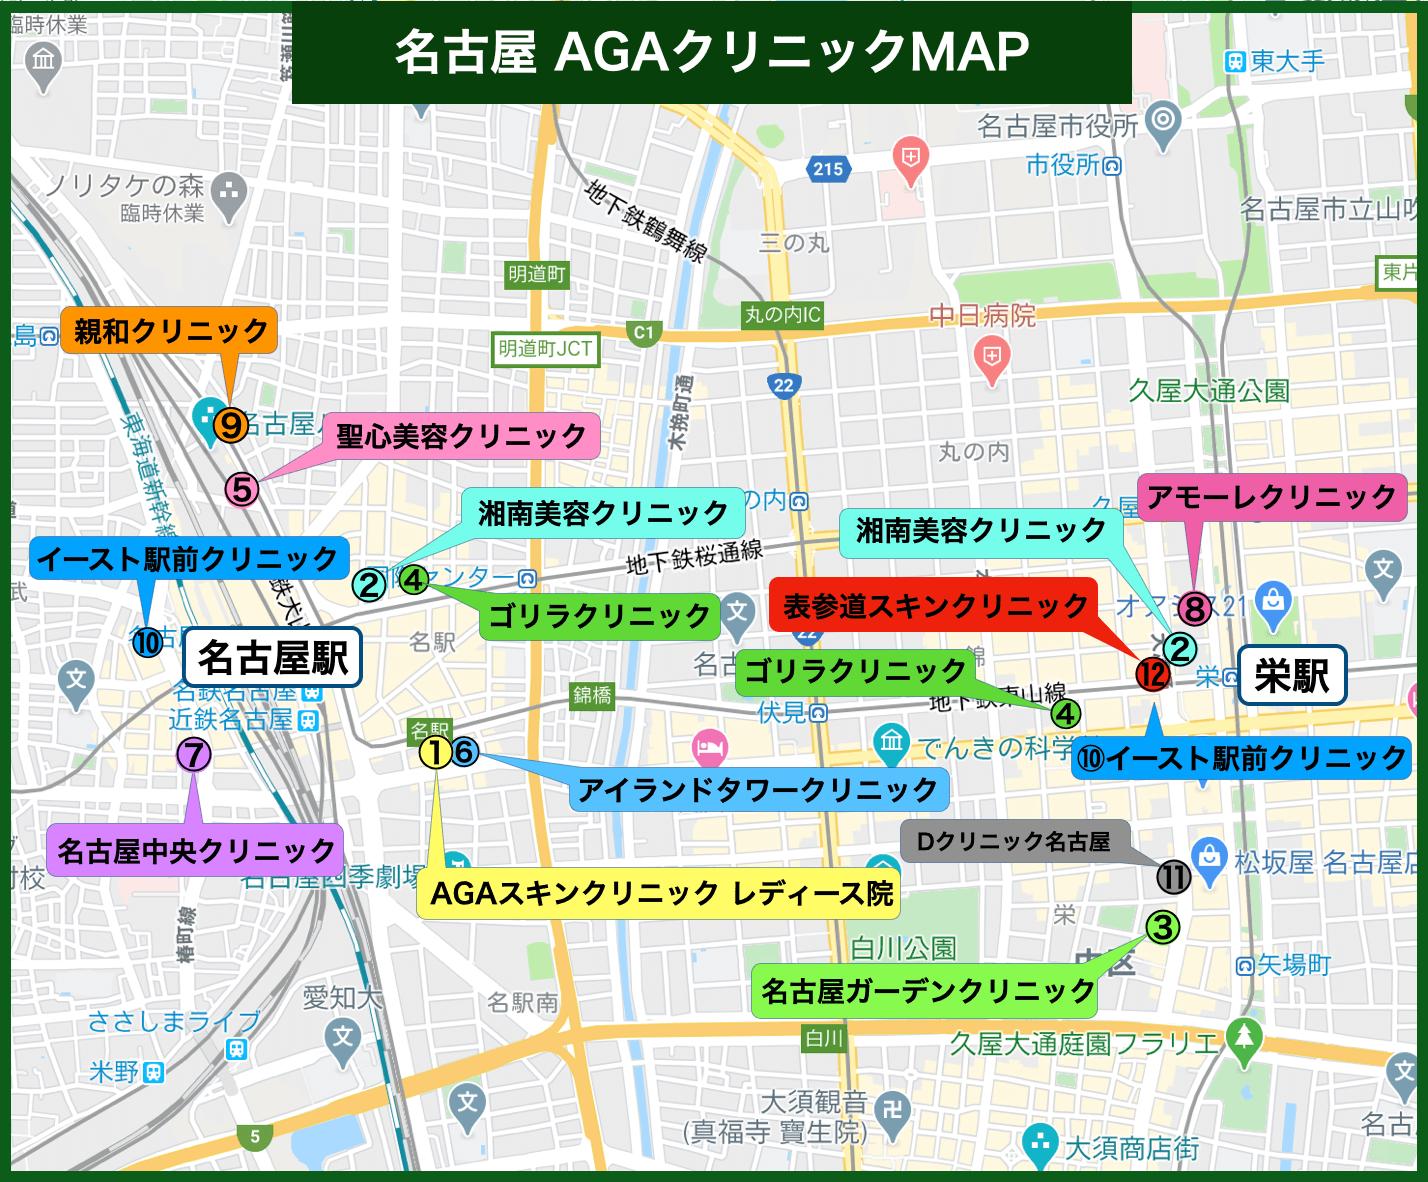 名古屋 AGAクリニックMAP(2021年版)